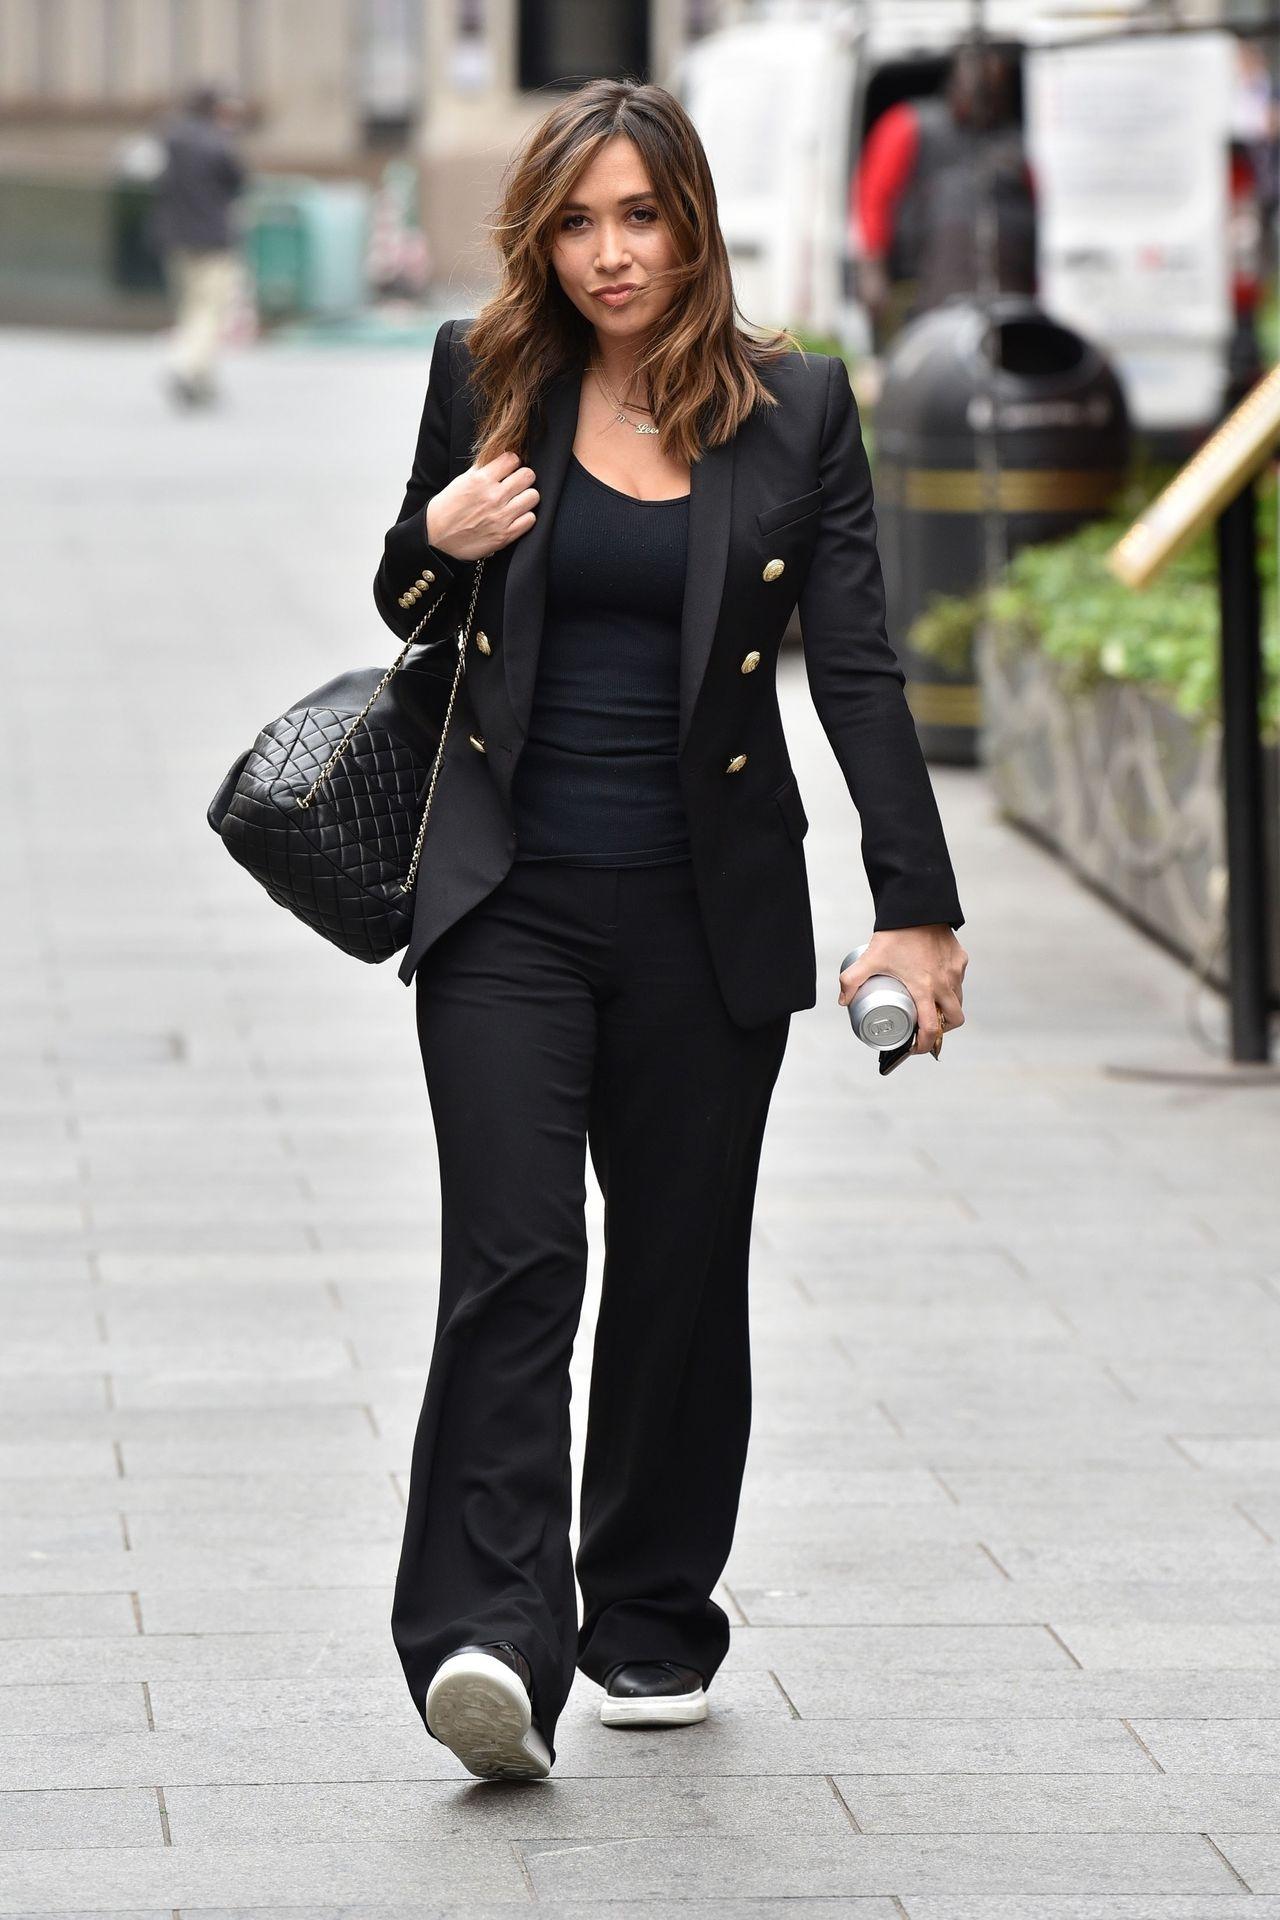 Myleene Klass Looks Hot In All Black In London 0009